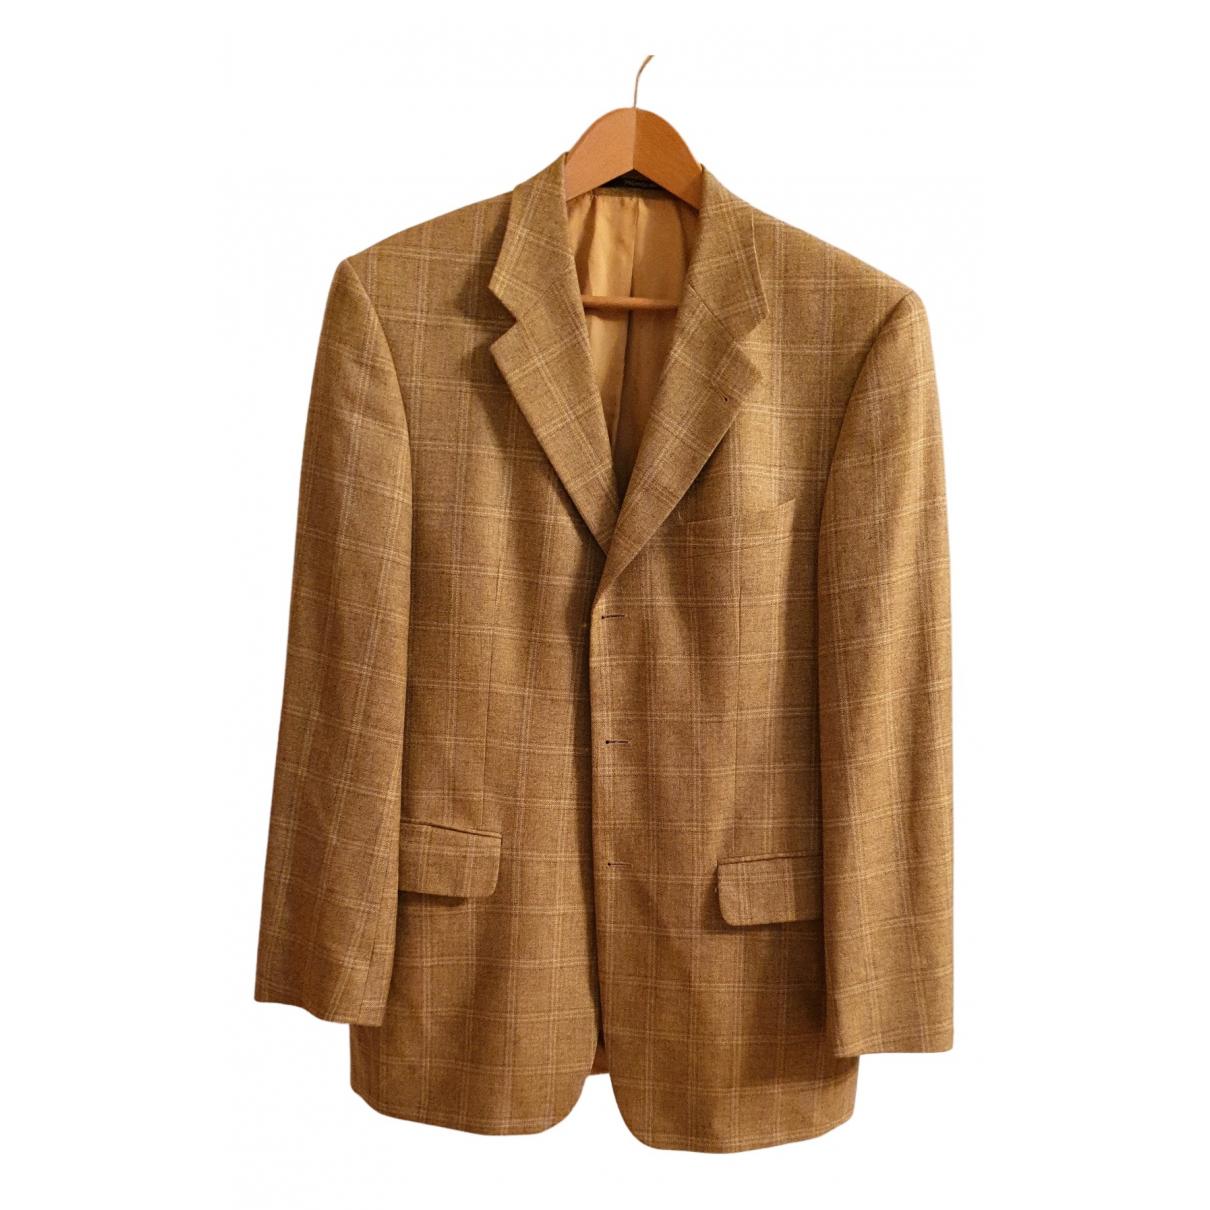 Yves Saint Laurent - Vestes.Blousons   pour homme en soie - beige